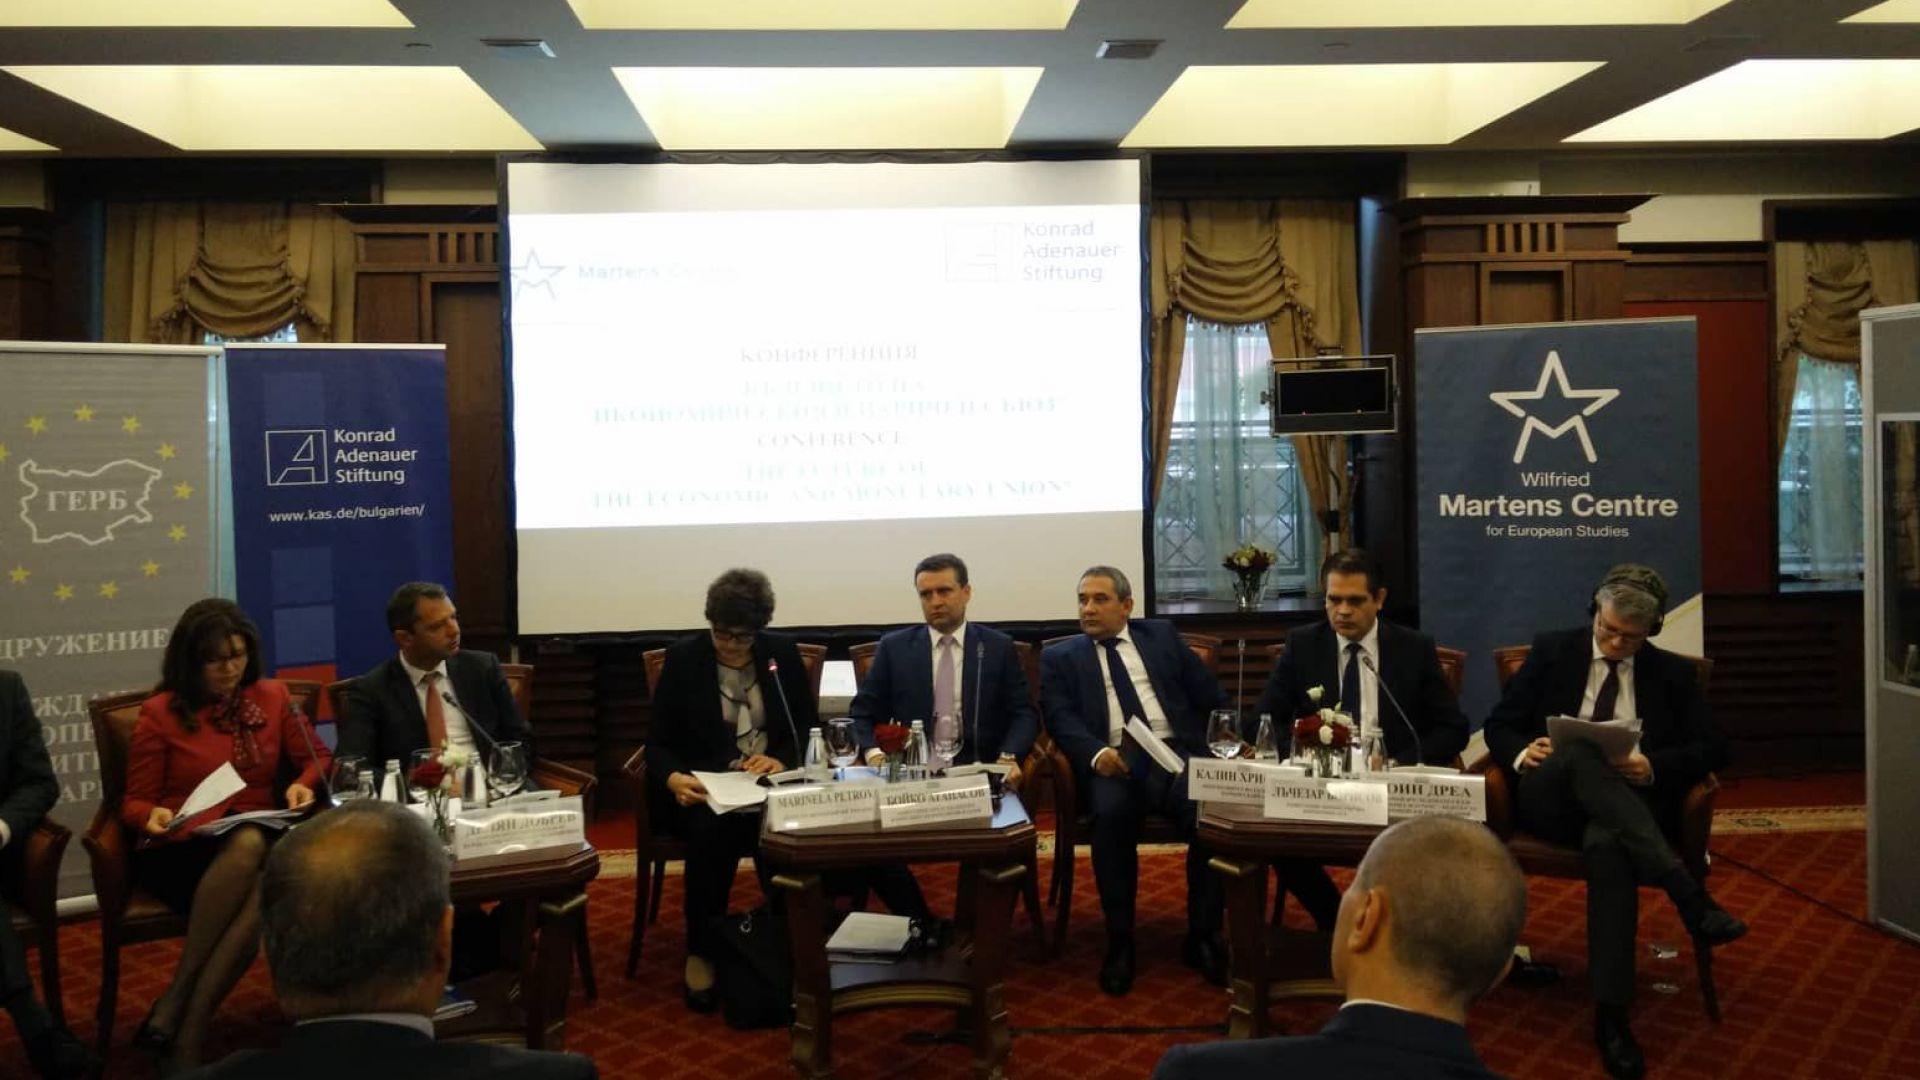 Лъчезар Борисов: Членството в еврозоната ще доведе до повишаване на кредитния рейтинг